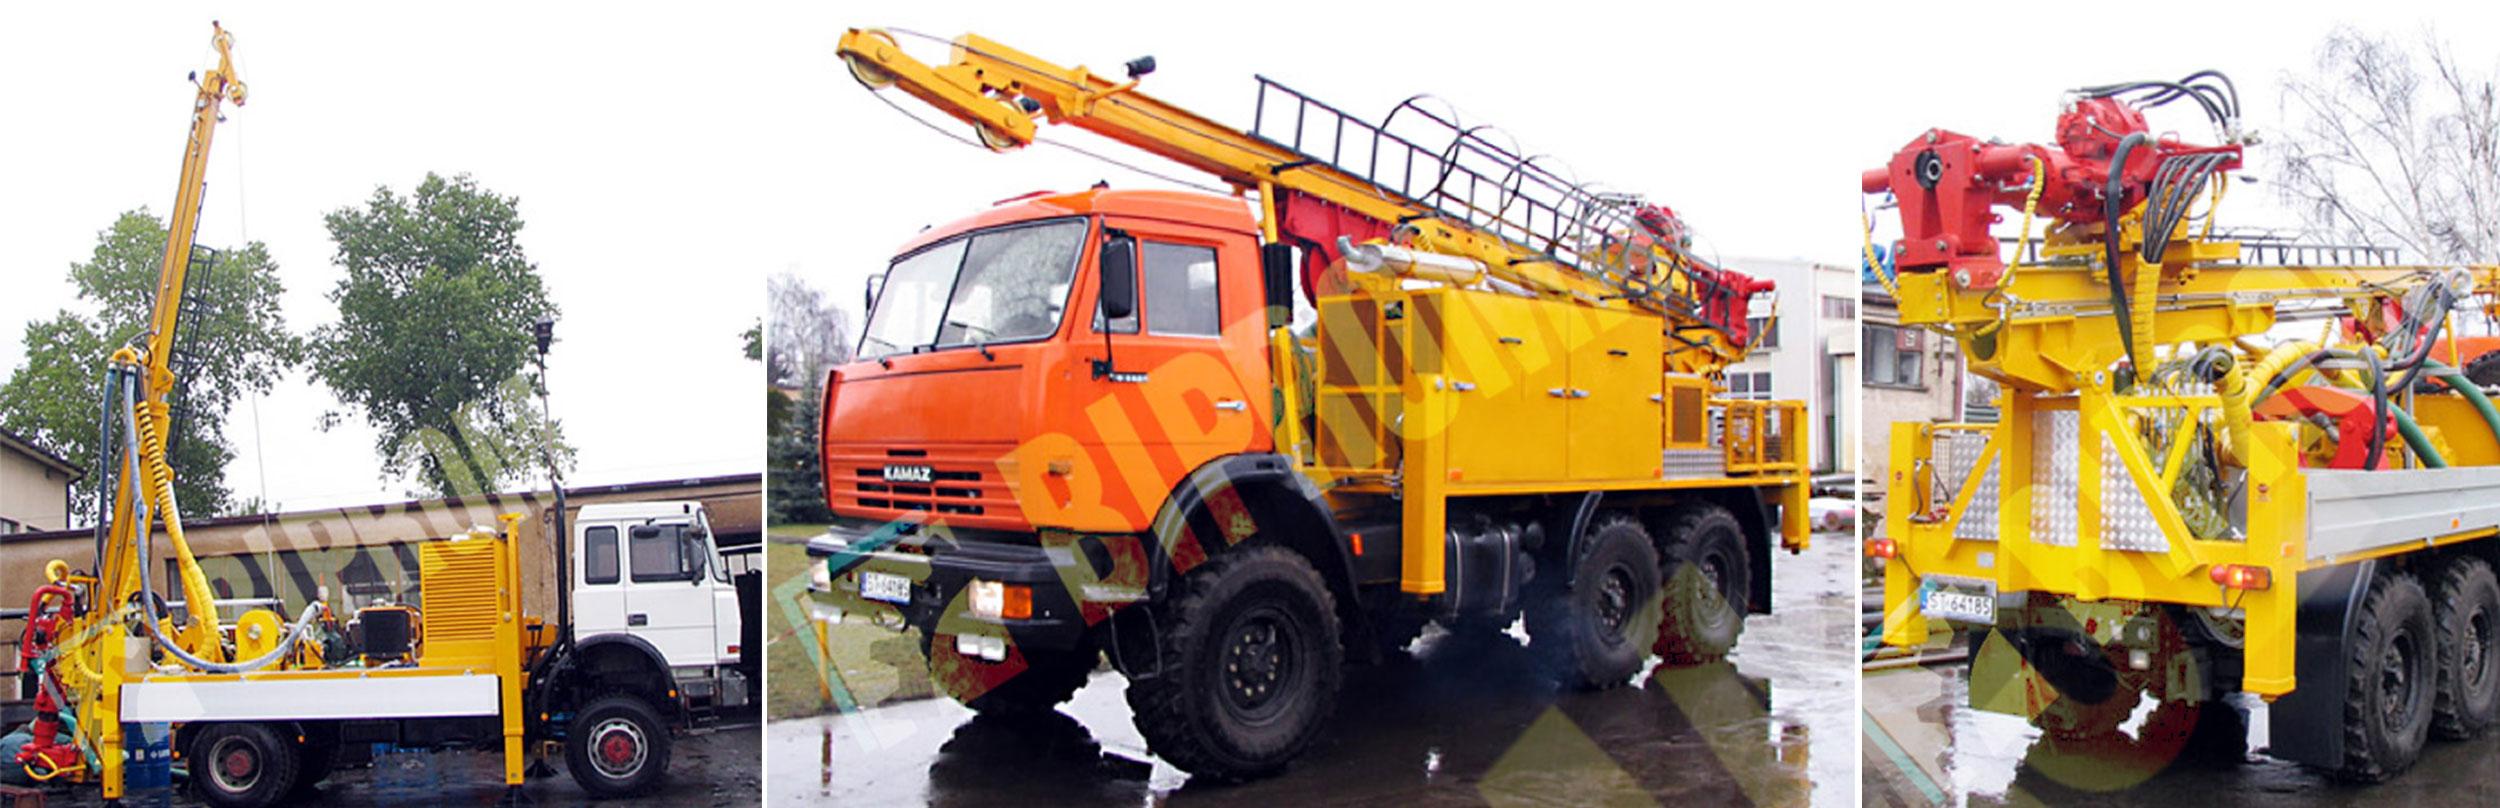 Wiertnica do pomp ciepła i studni H35S – na samochodzie ciężarowym produkcji firmy Bipromasz